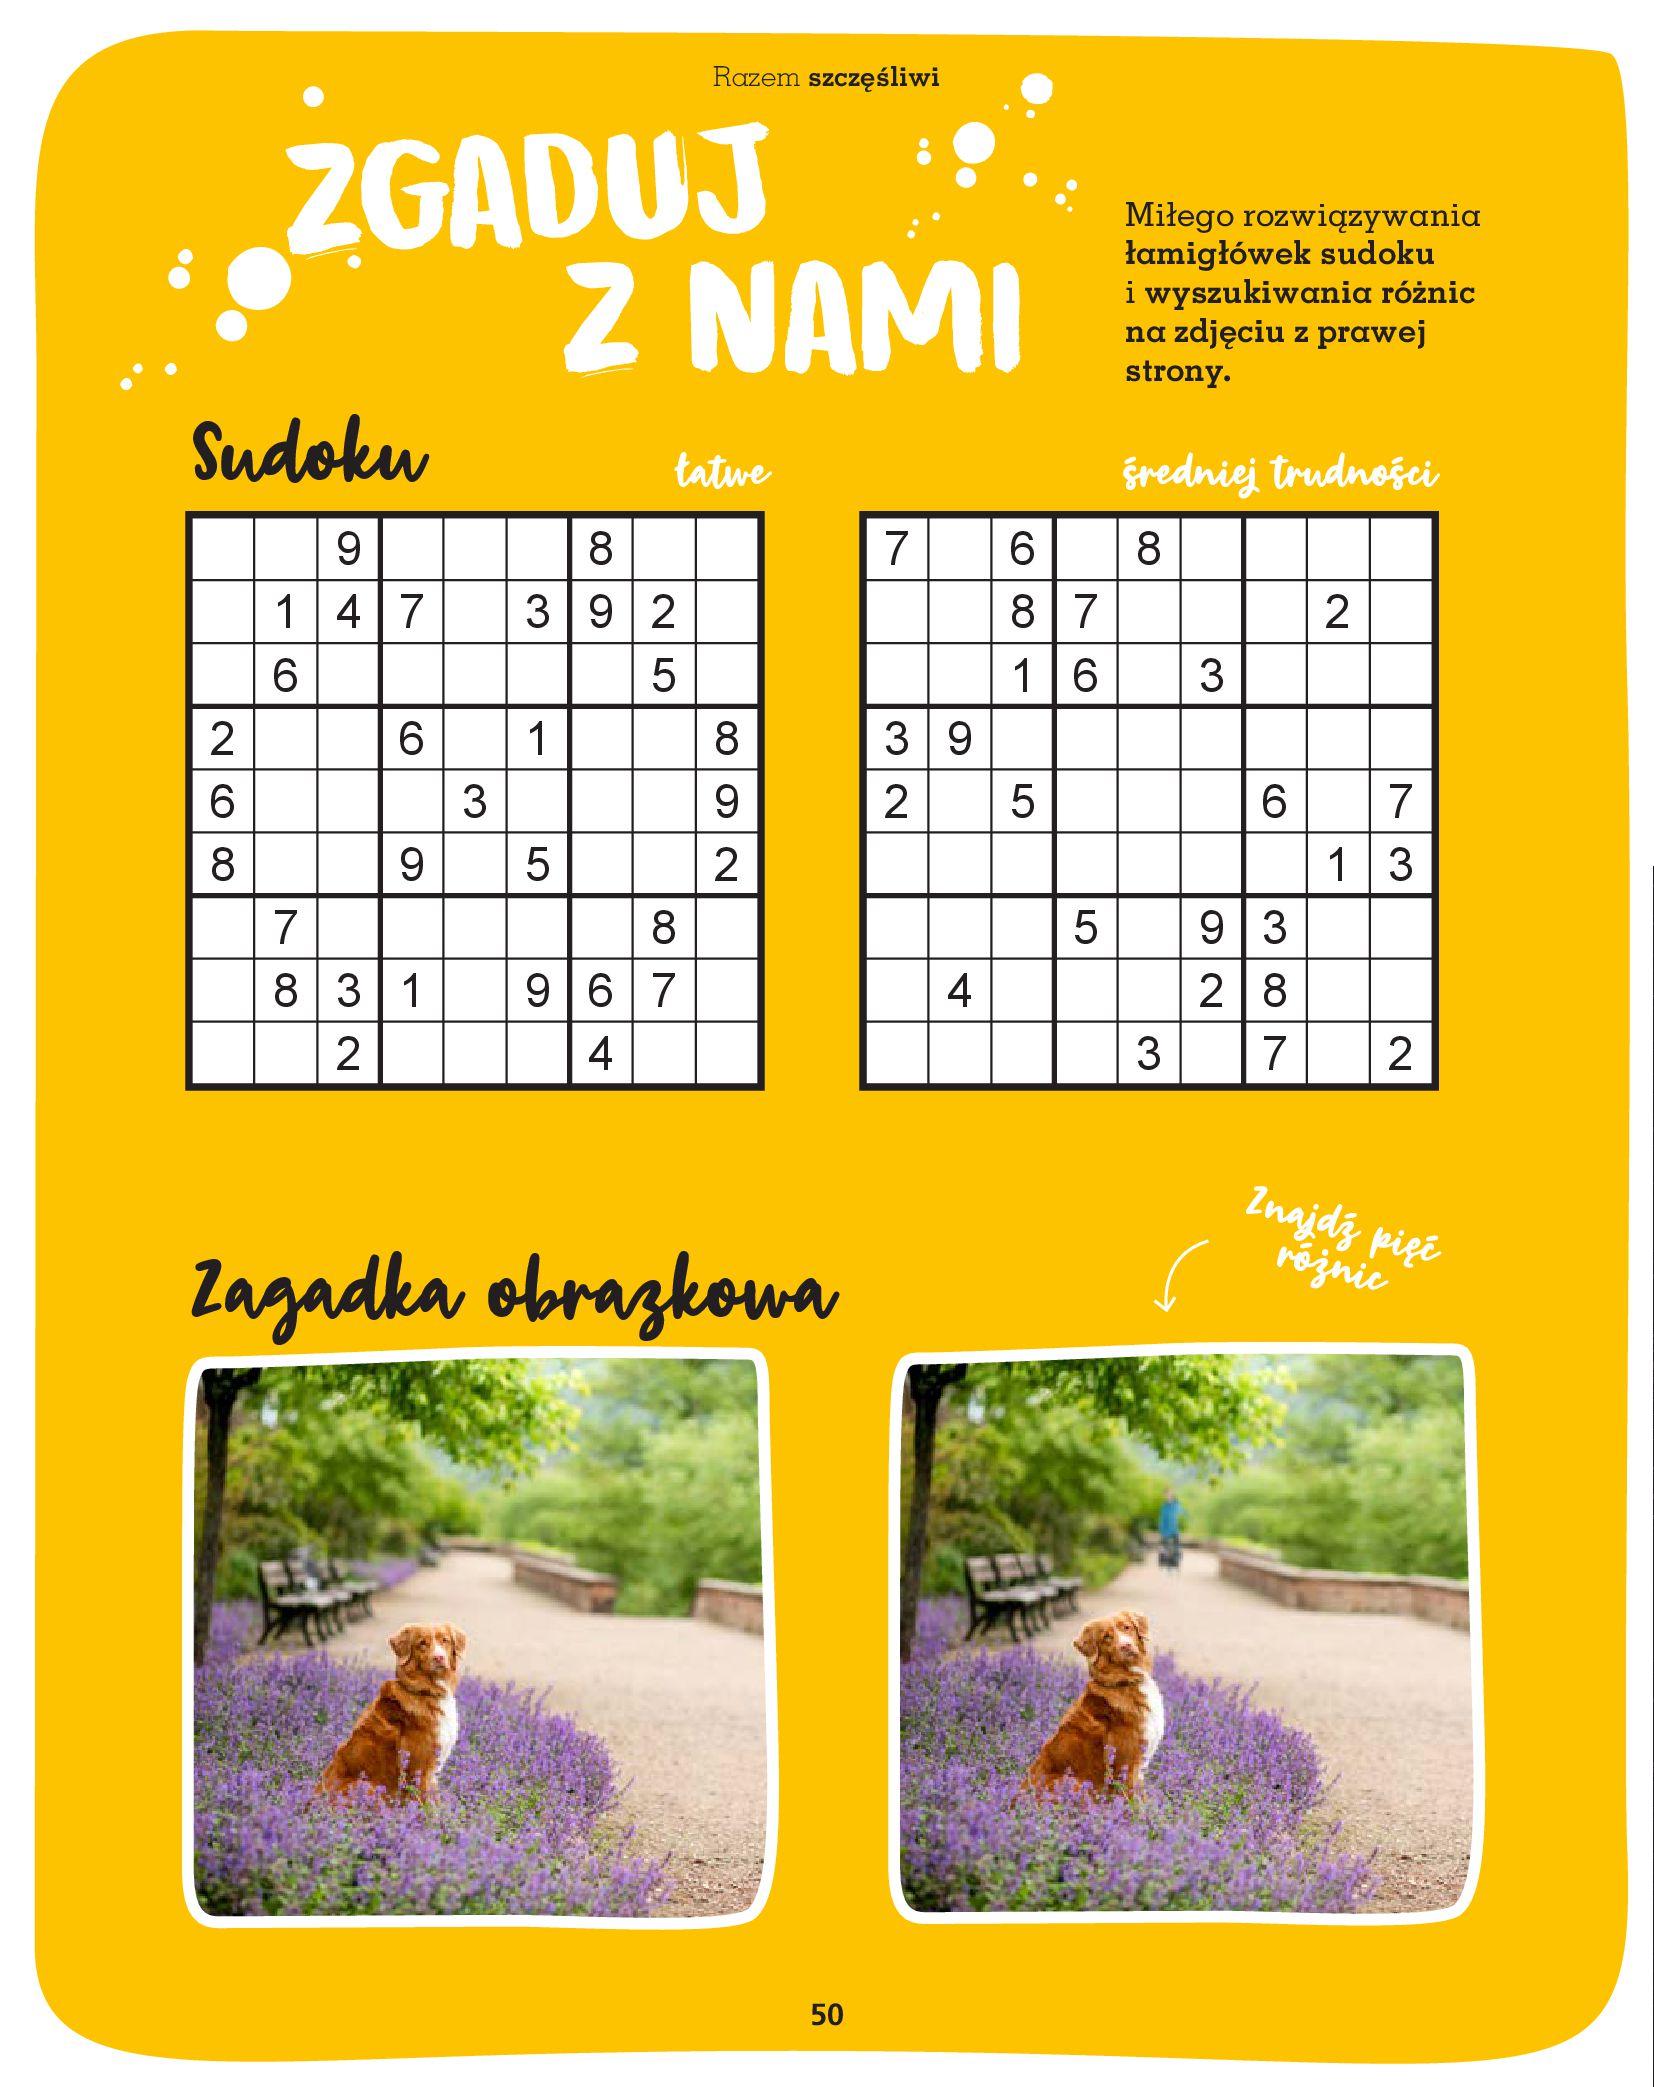 Gazetka Maxi Zoo: Gazetka Maxi Zoo - Friends 2021-05-18 page-50